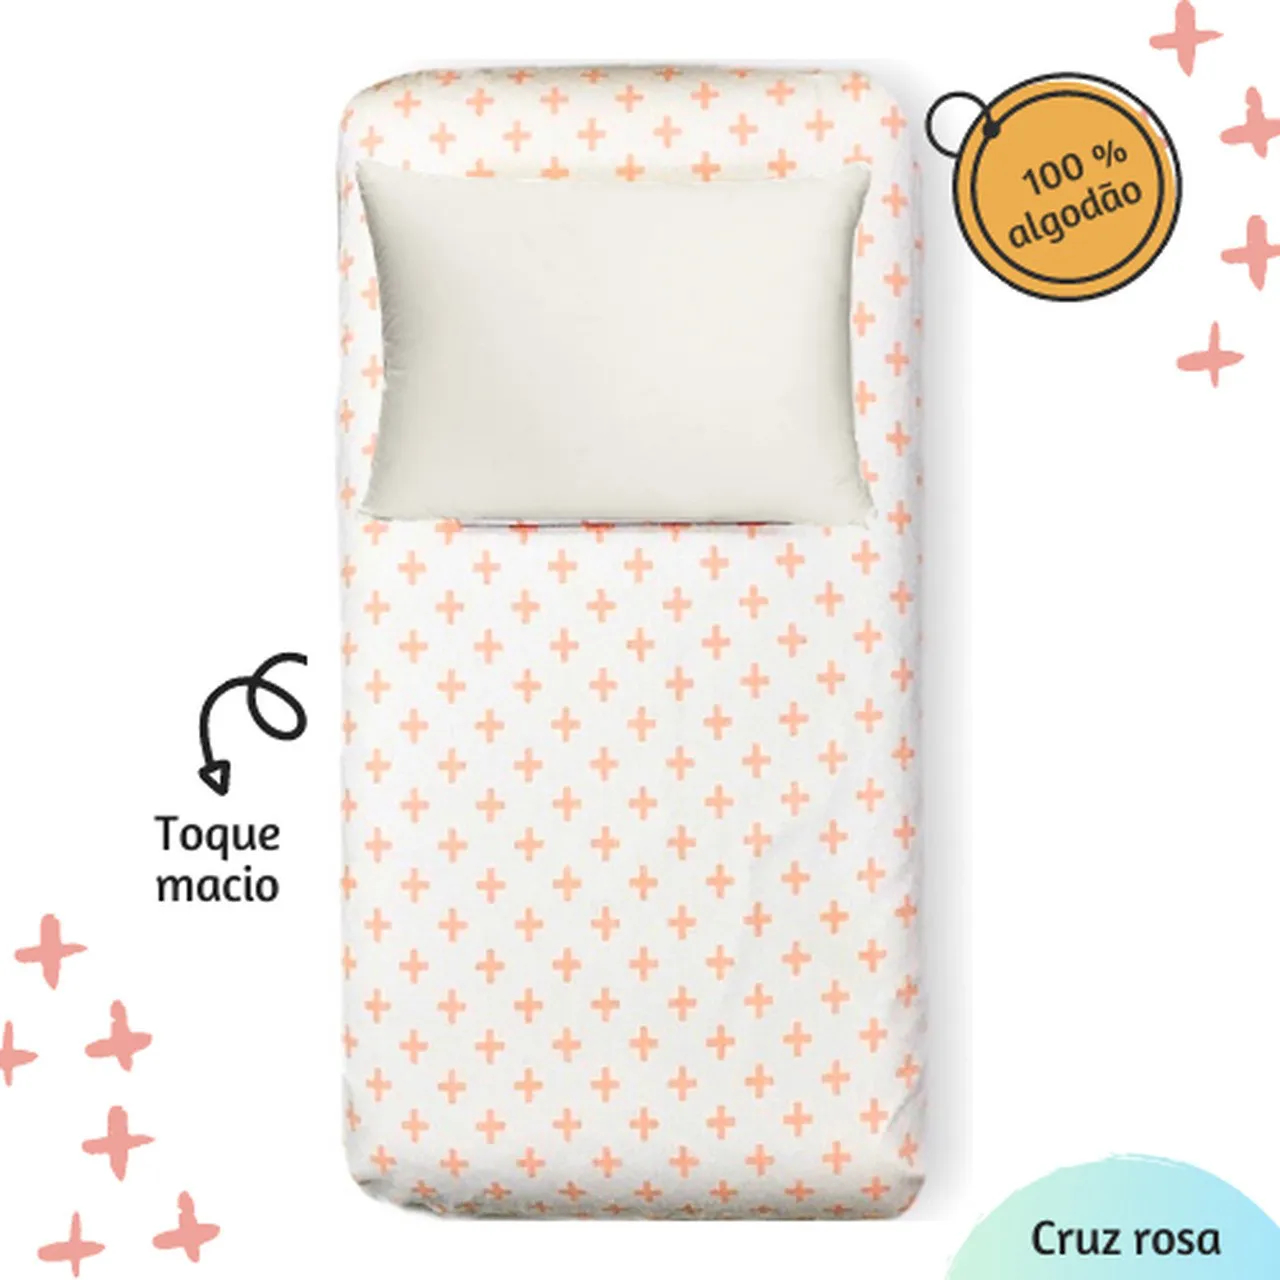 Jogo de lençol berço estampa Cruz rosa